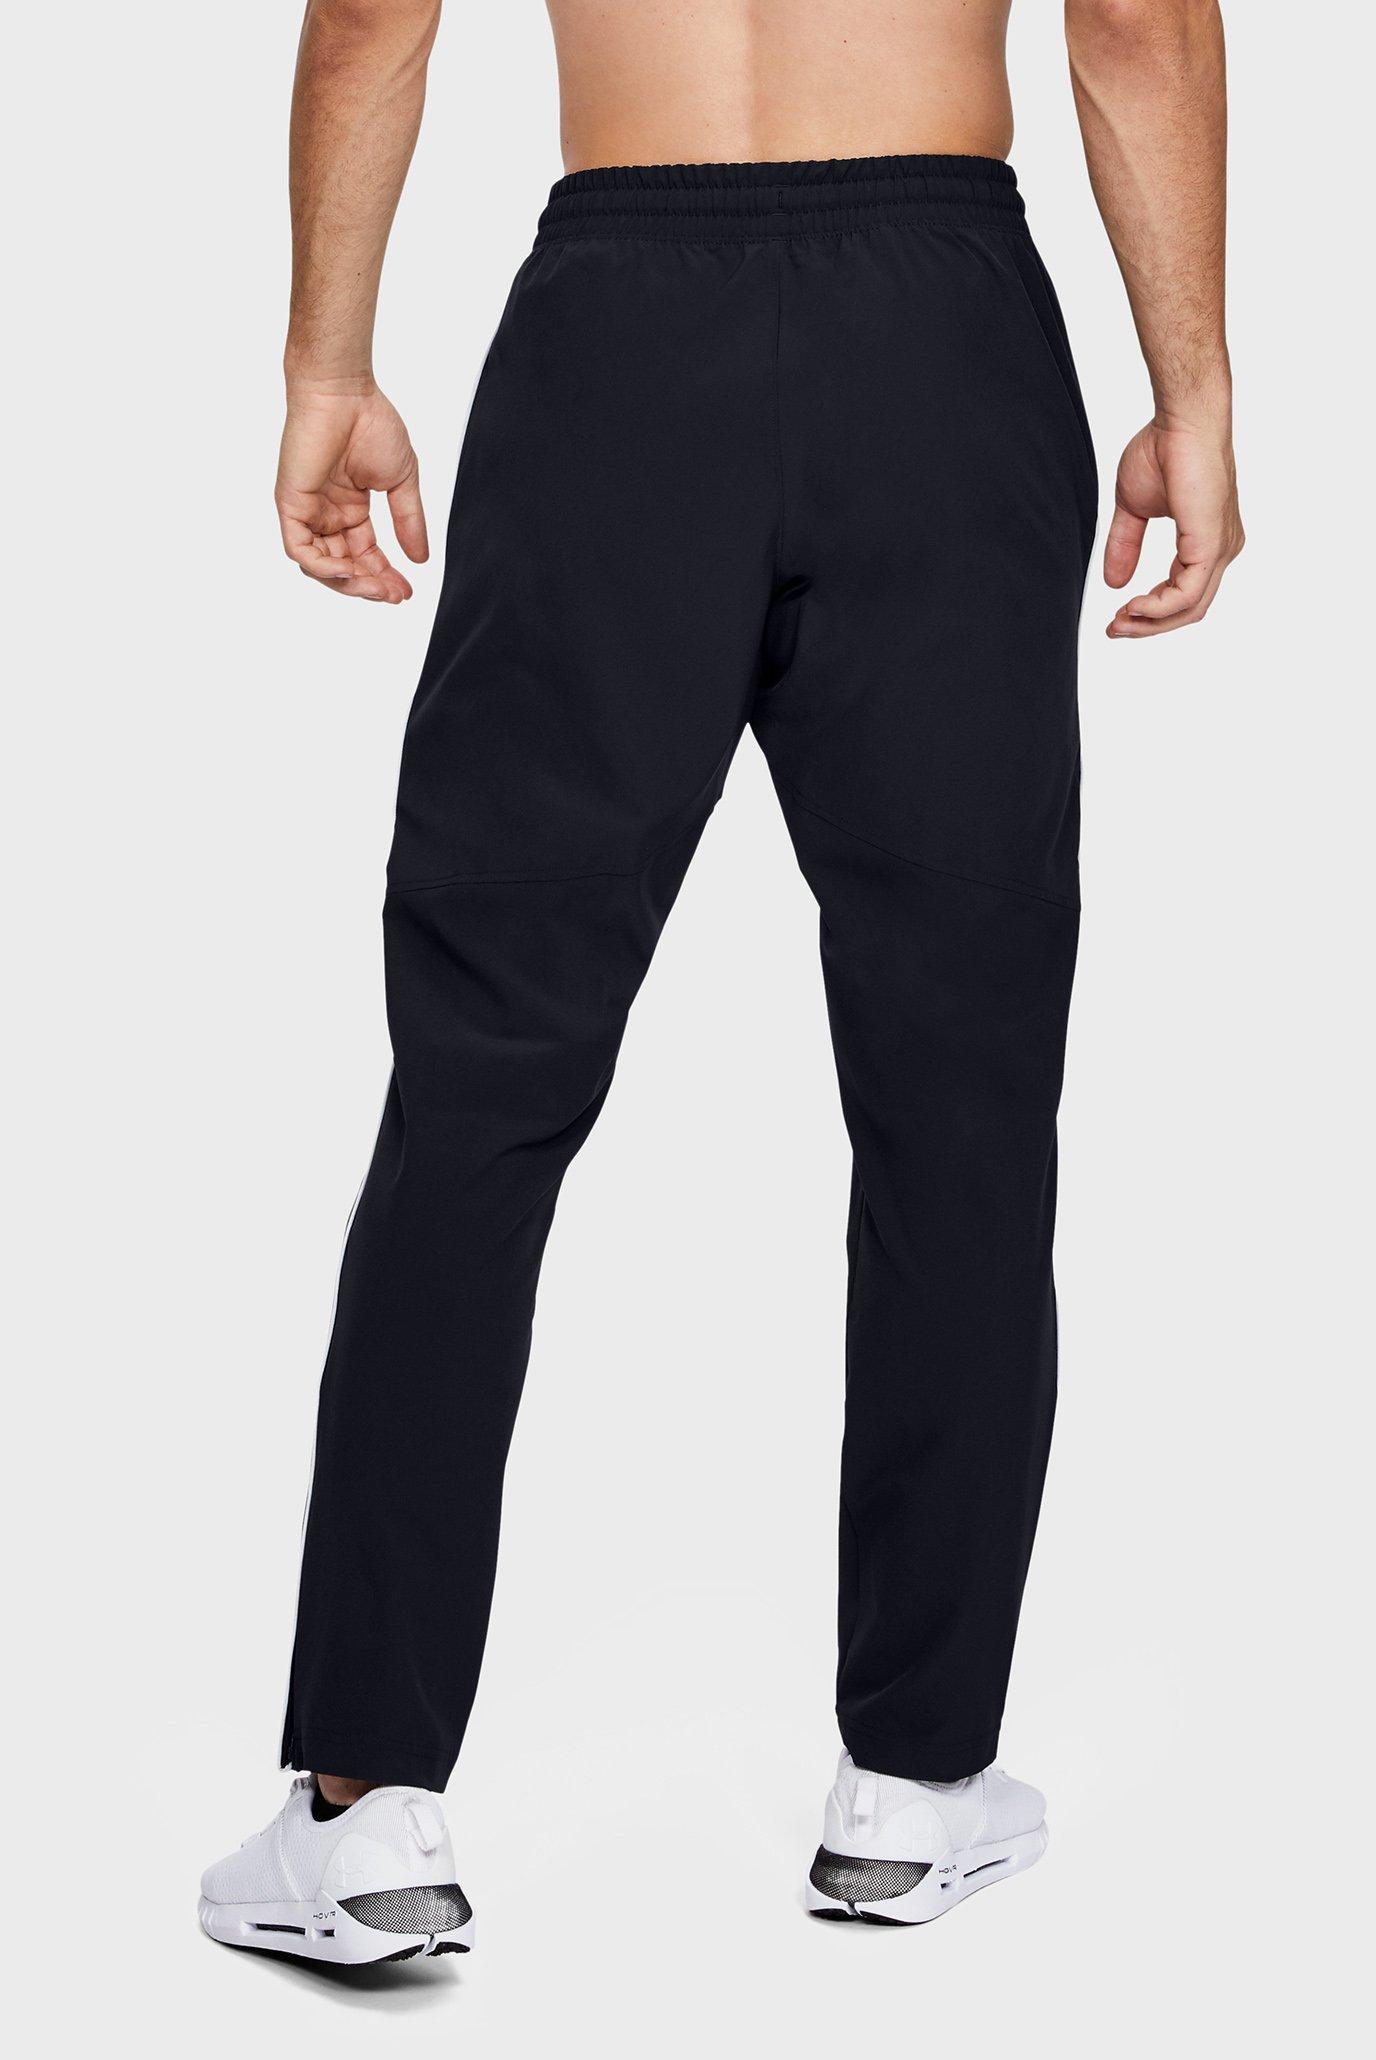 Мужские черные спортивные брюки Athlete Recovery Woven Warm Up Bottom Under Armour